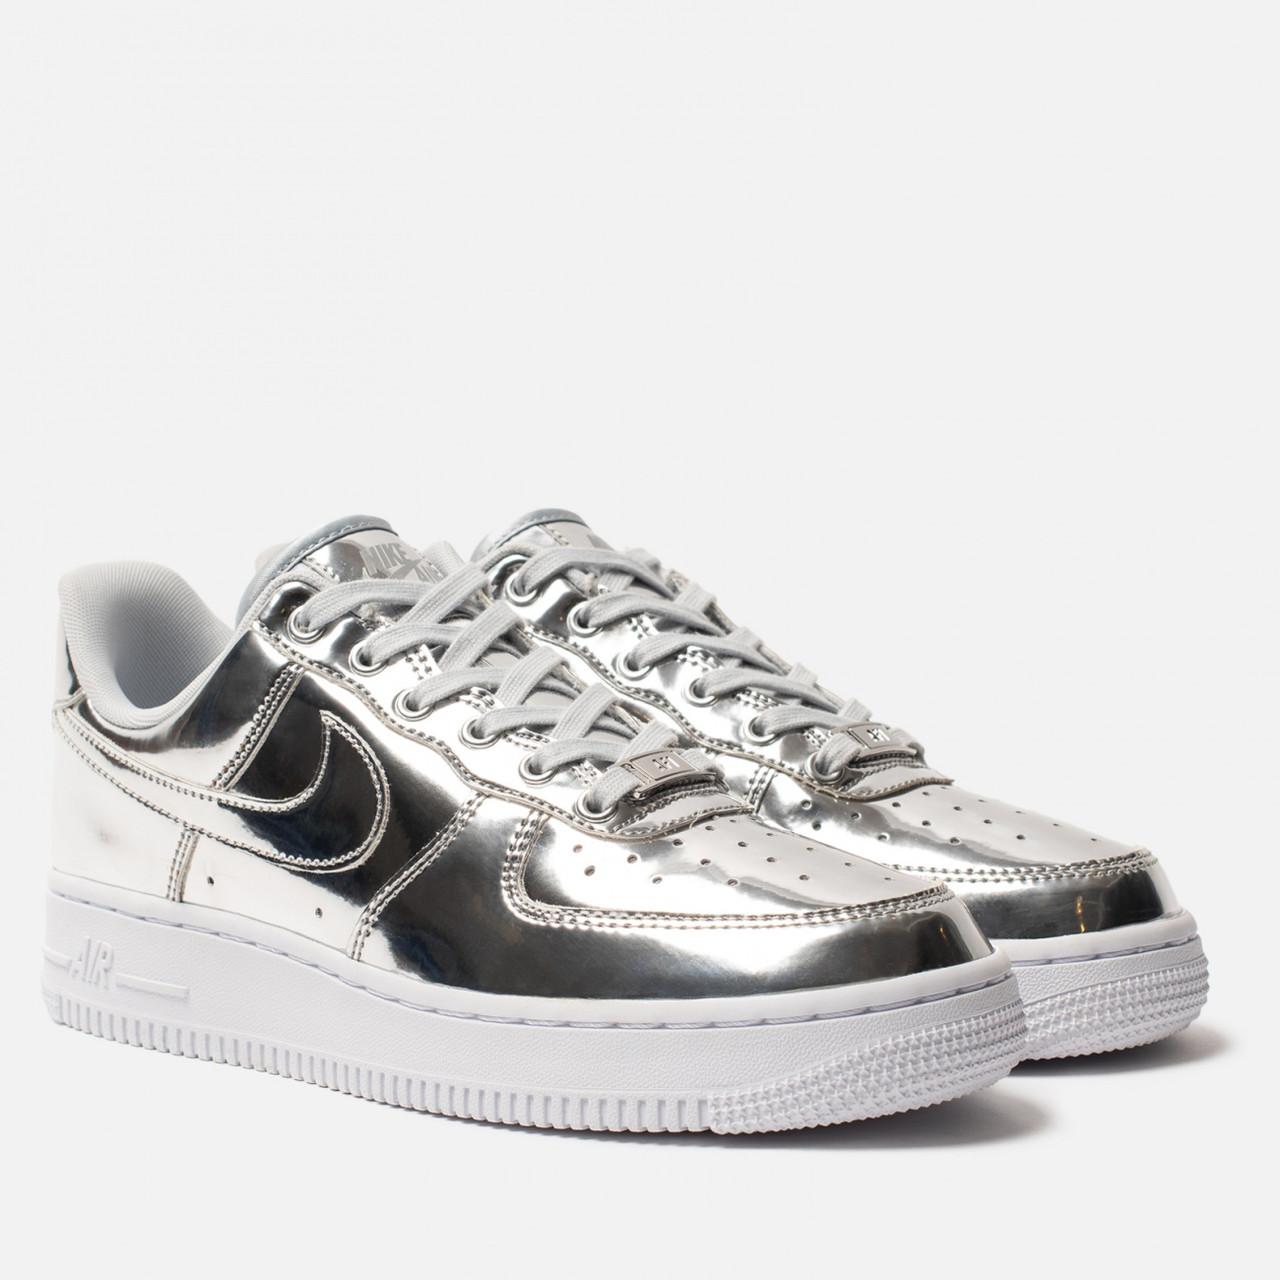 """Кроссовки Nike Air Force """"Liquid Metal"""" Silver Женские, Кожа лаковая / жіночі кроссівки , серебряные, металлик"""